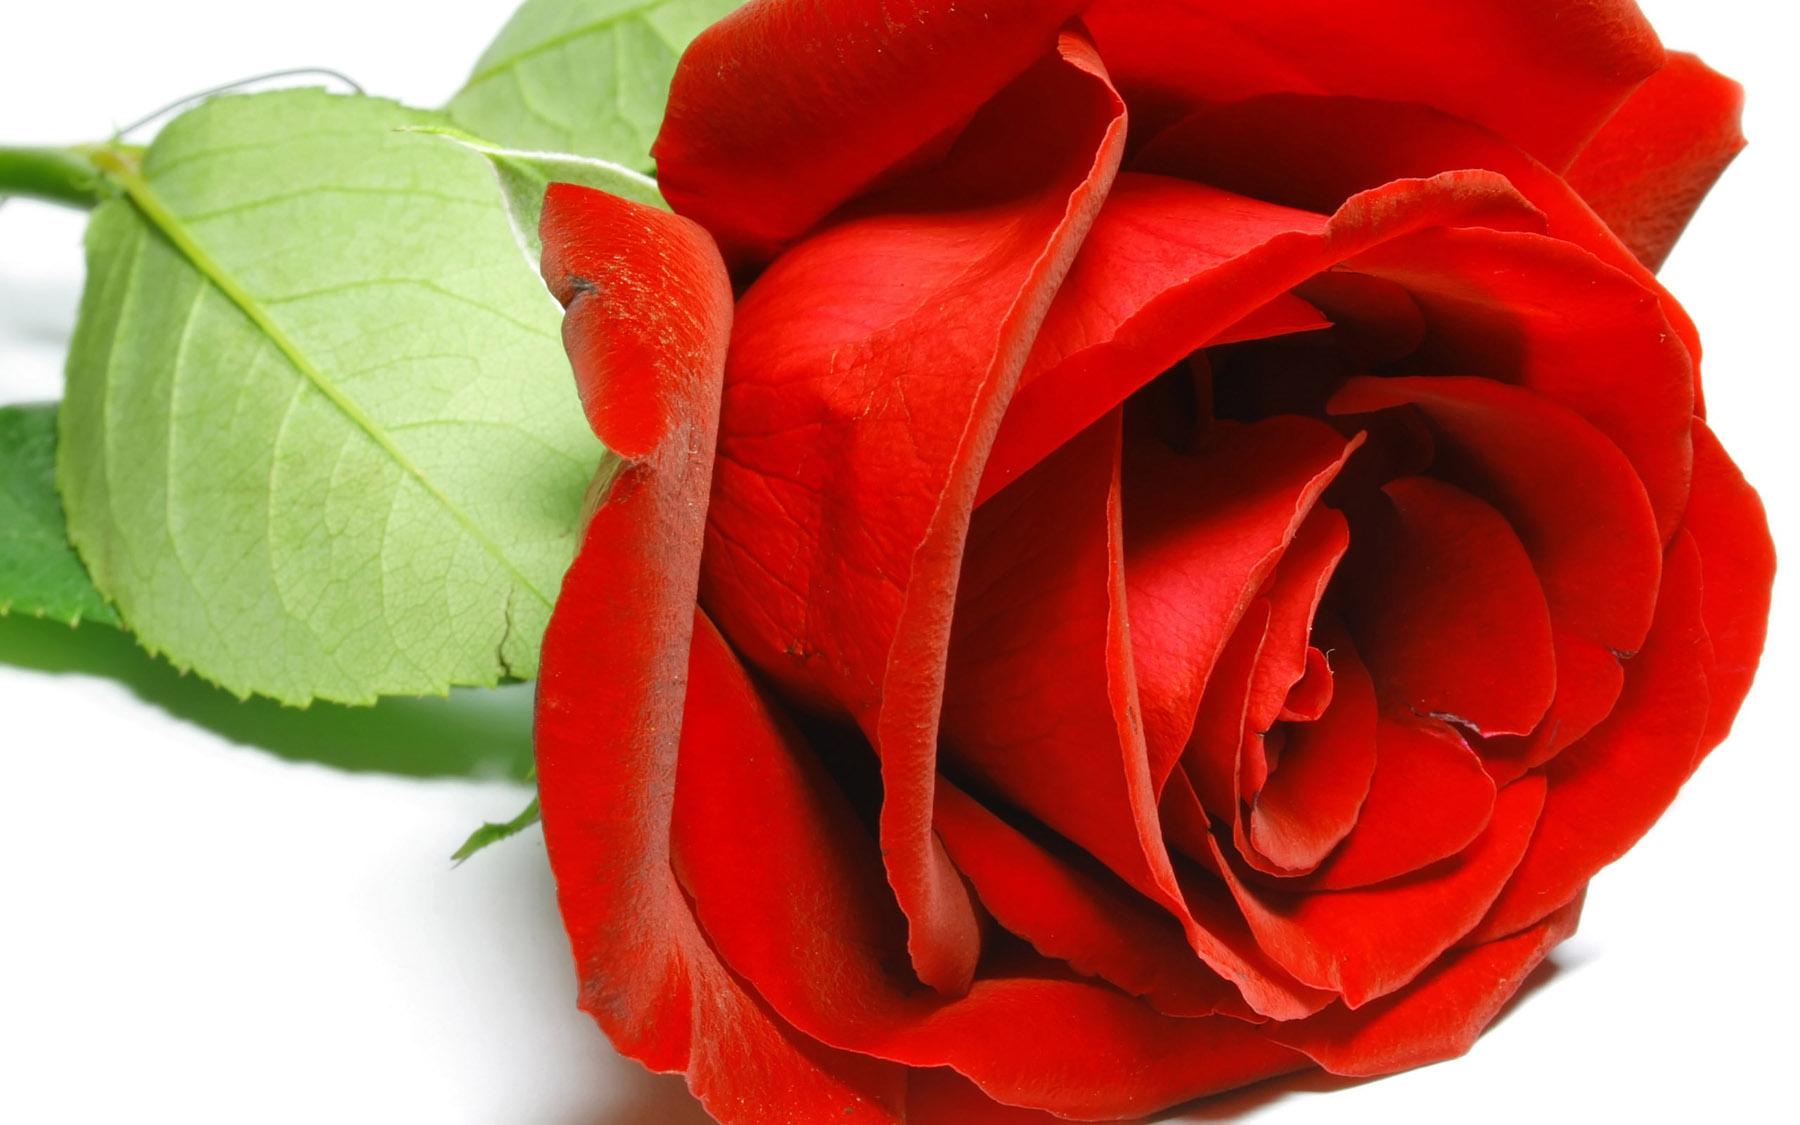 نقاشی حاشیه گل آبی گرافیک | دانلود آموزش ،گرافیک و عکس